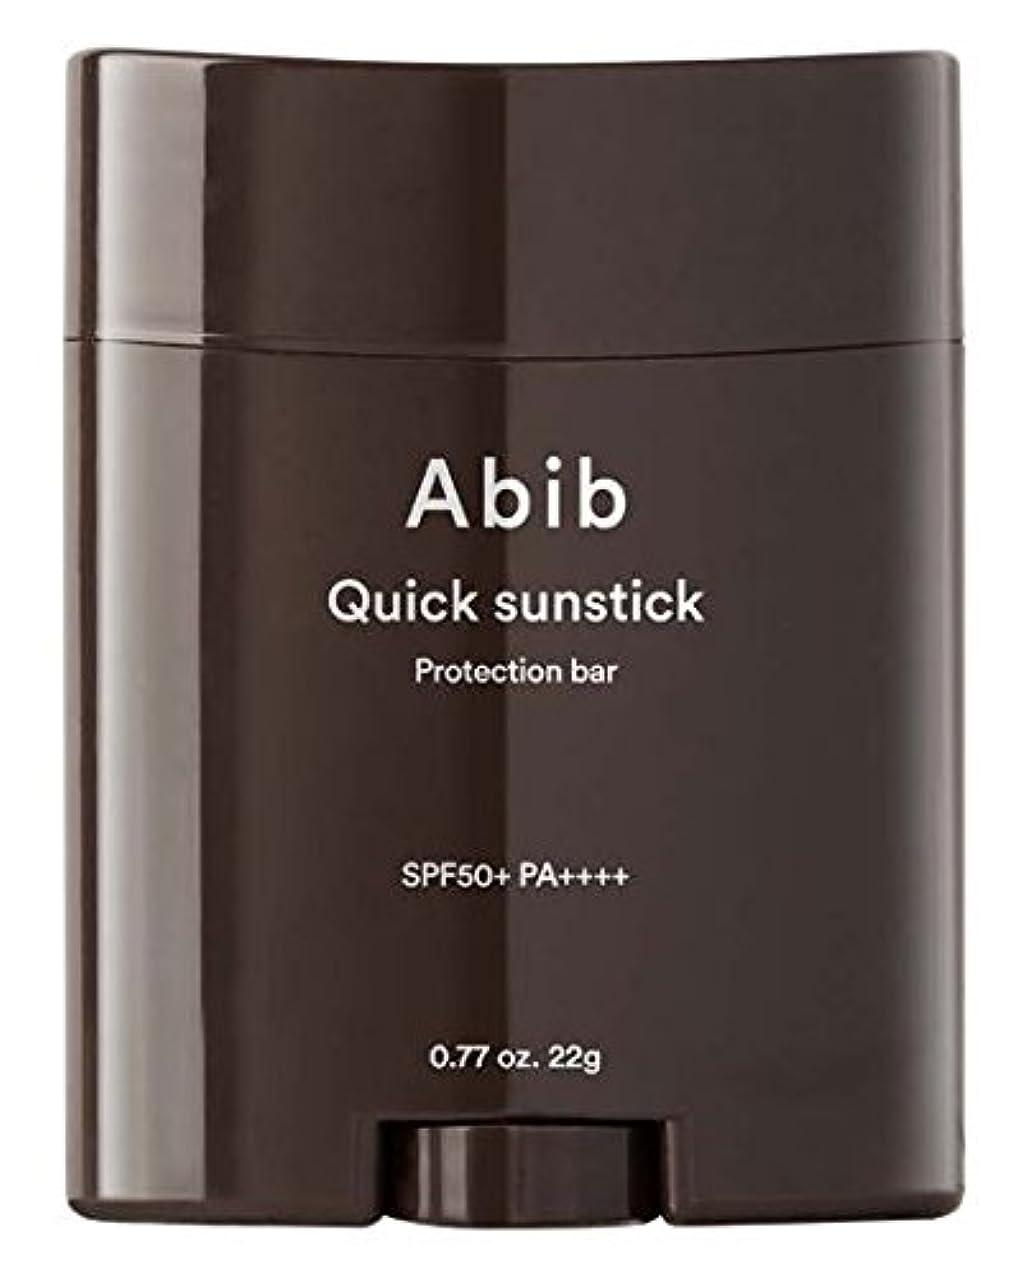 建築家夕暮れ飢えた[Abib] QUICK SUNSTICK PROTECTION BAR 22g SPF50+PA++++/[アビブ]クイックサンスティックプロテクションバー 22g SPF50+PA++++ [並行輸入品]